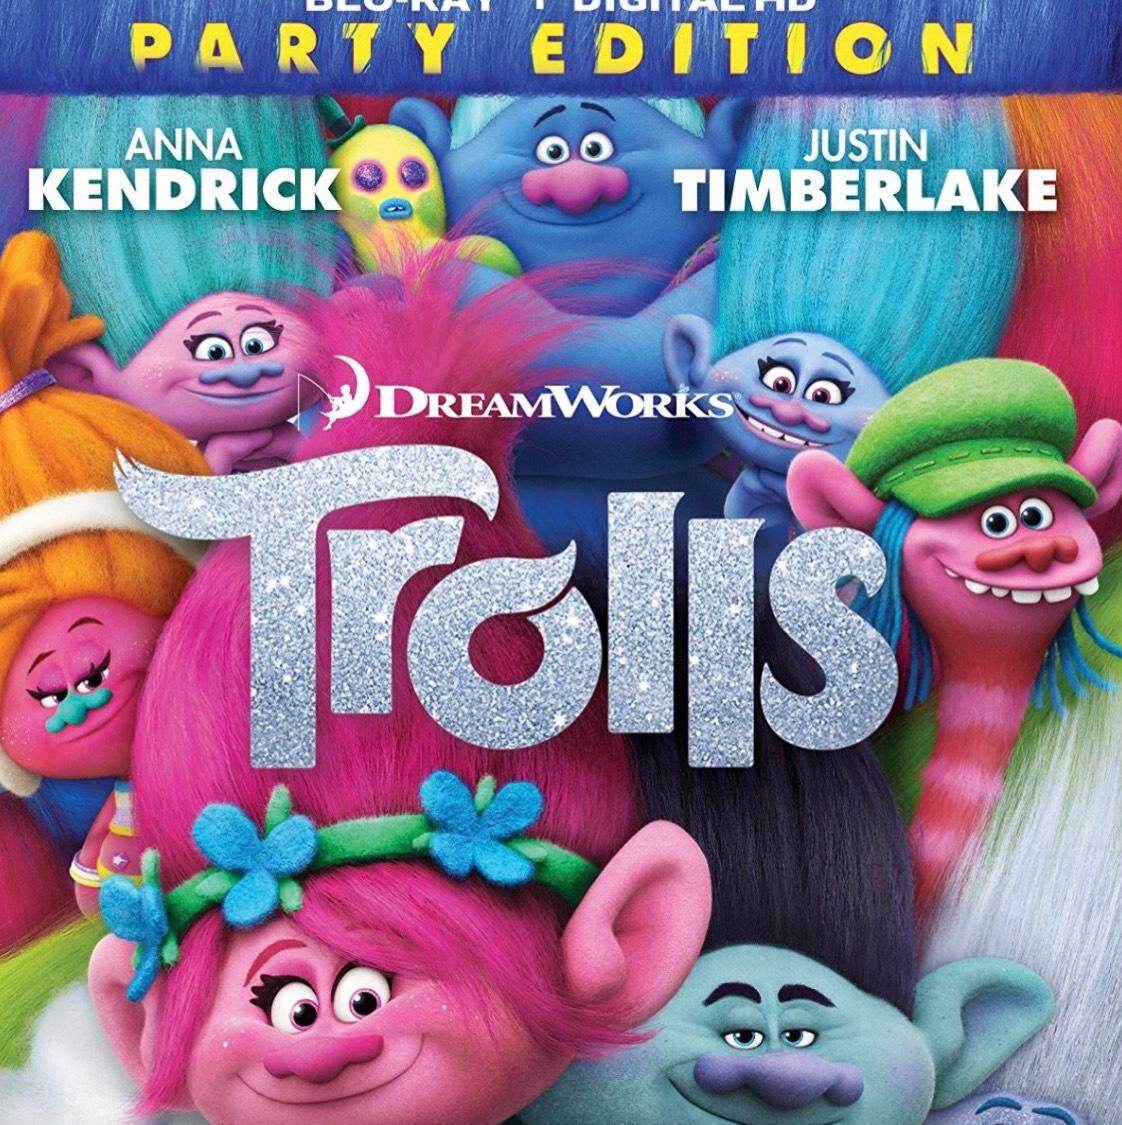 Trolls Blu-ray Party Edition @ Amazon - £6.50 Prime / £8.49 non-Prime